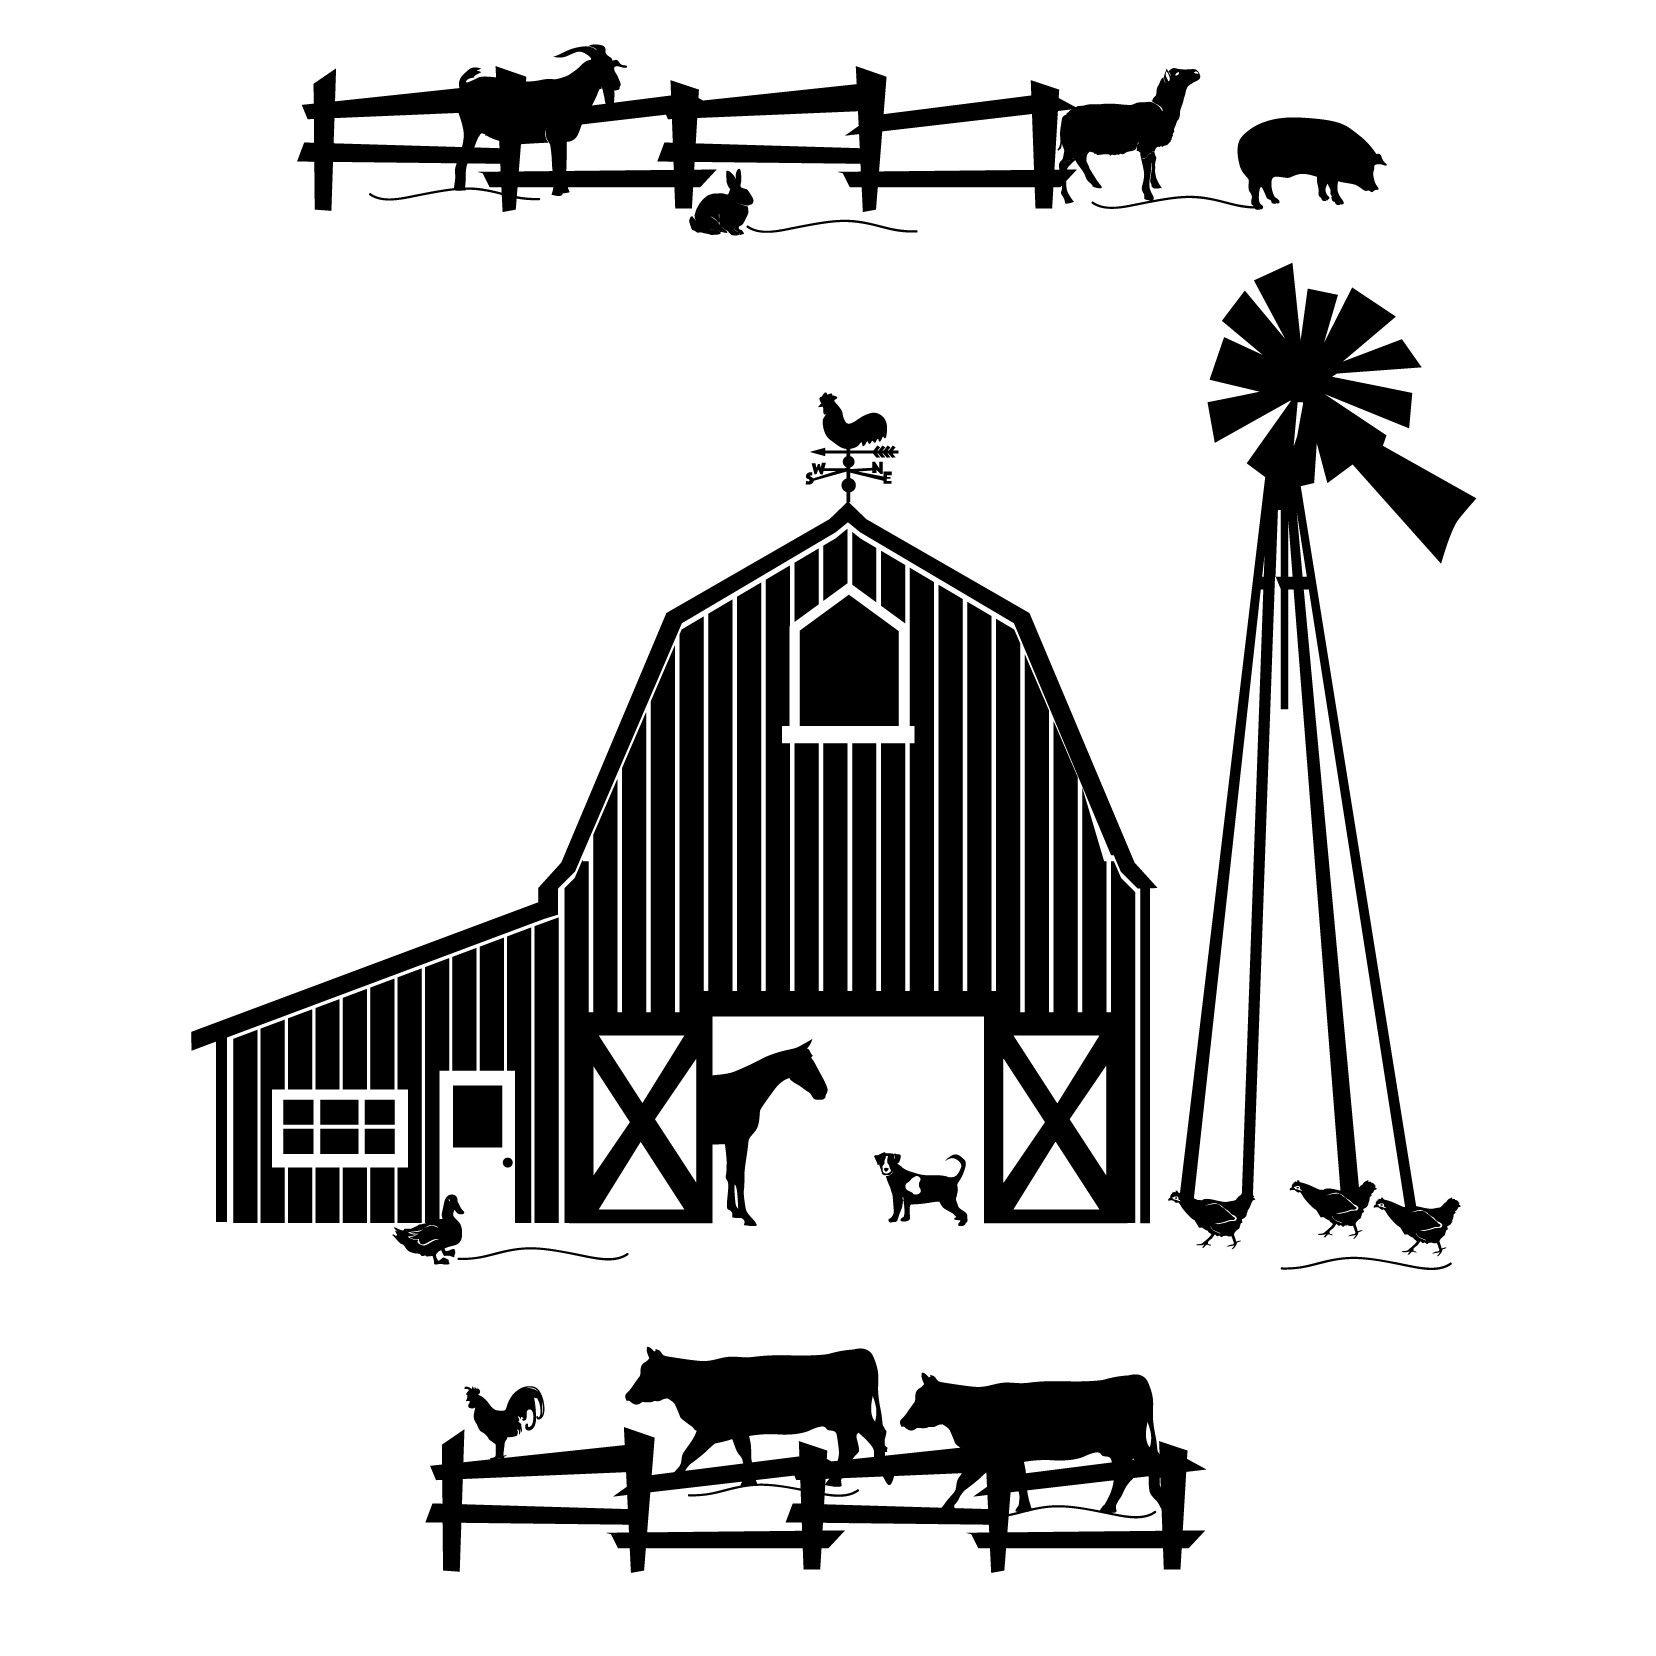 Farm Scene Clipart Black And White